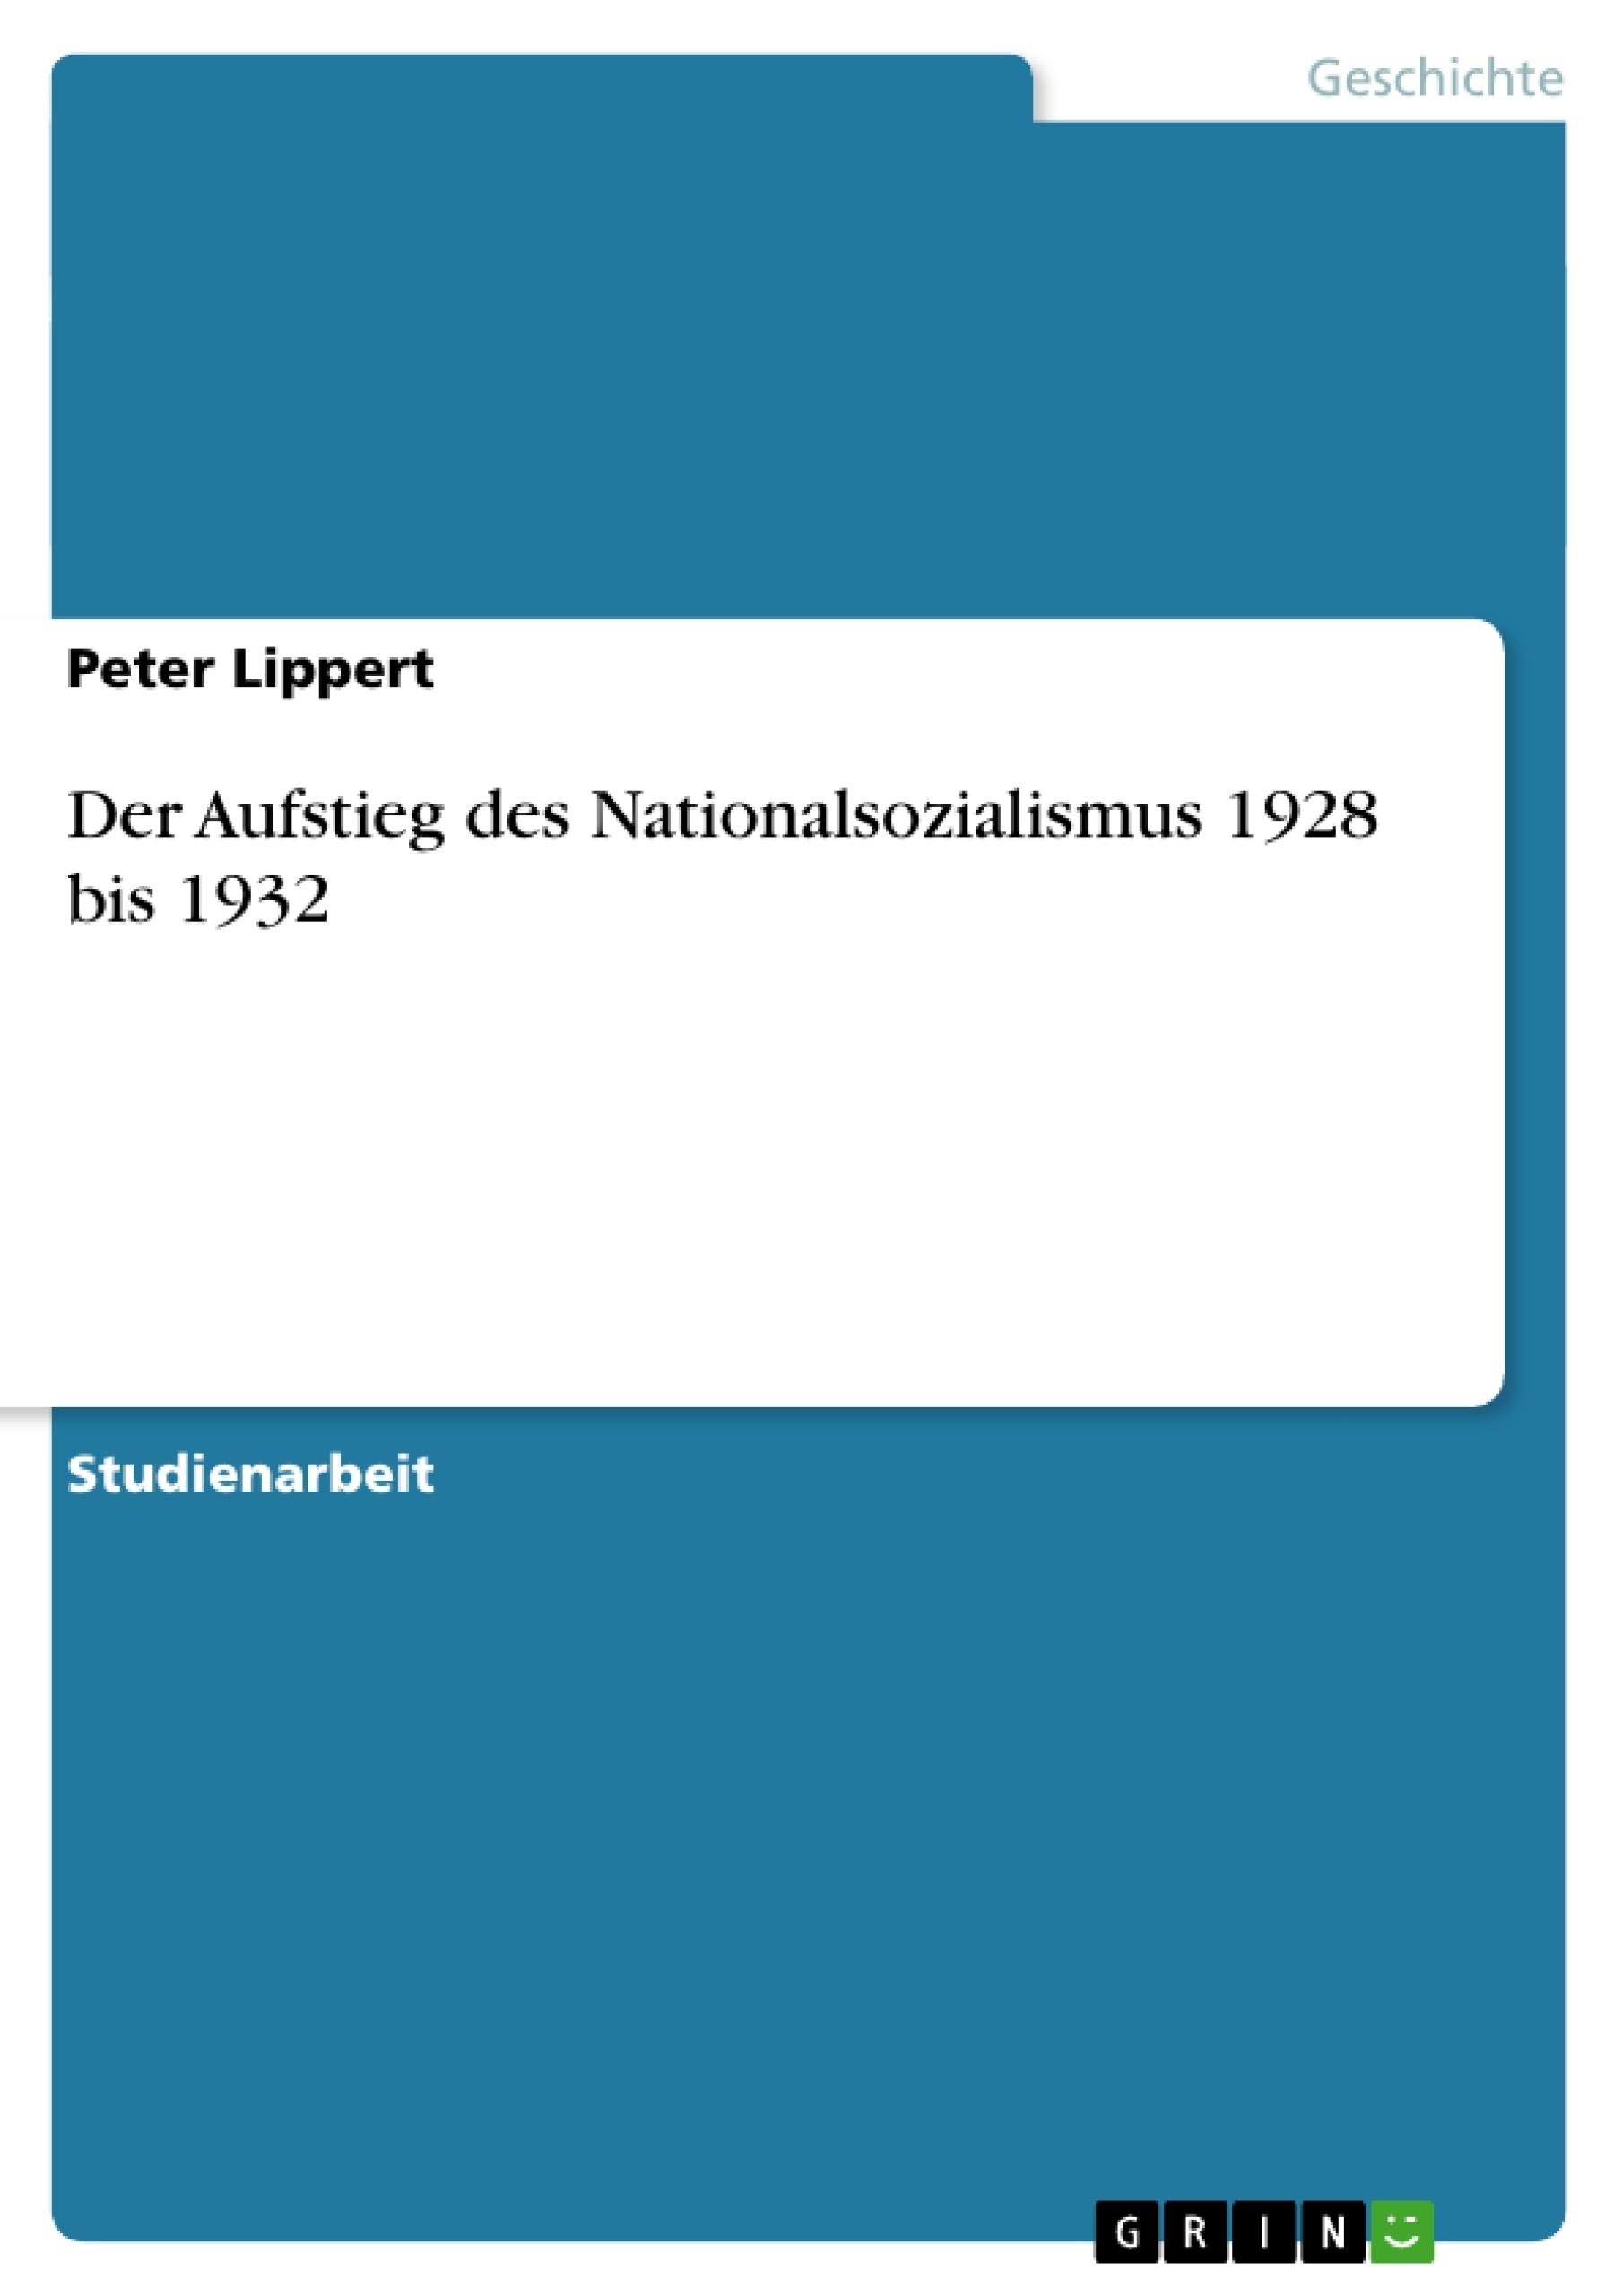 Titel: Der Aufstieg des Nationalsozialismus 1928 bis 1932